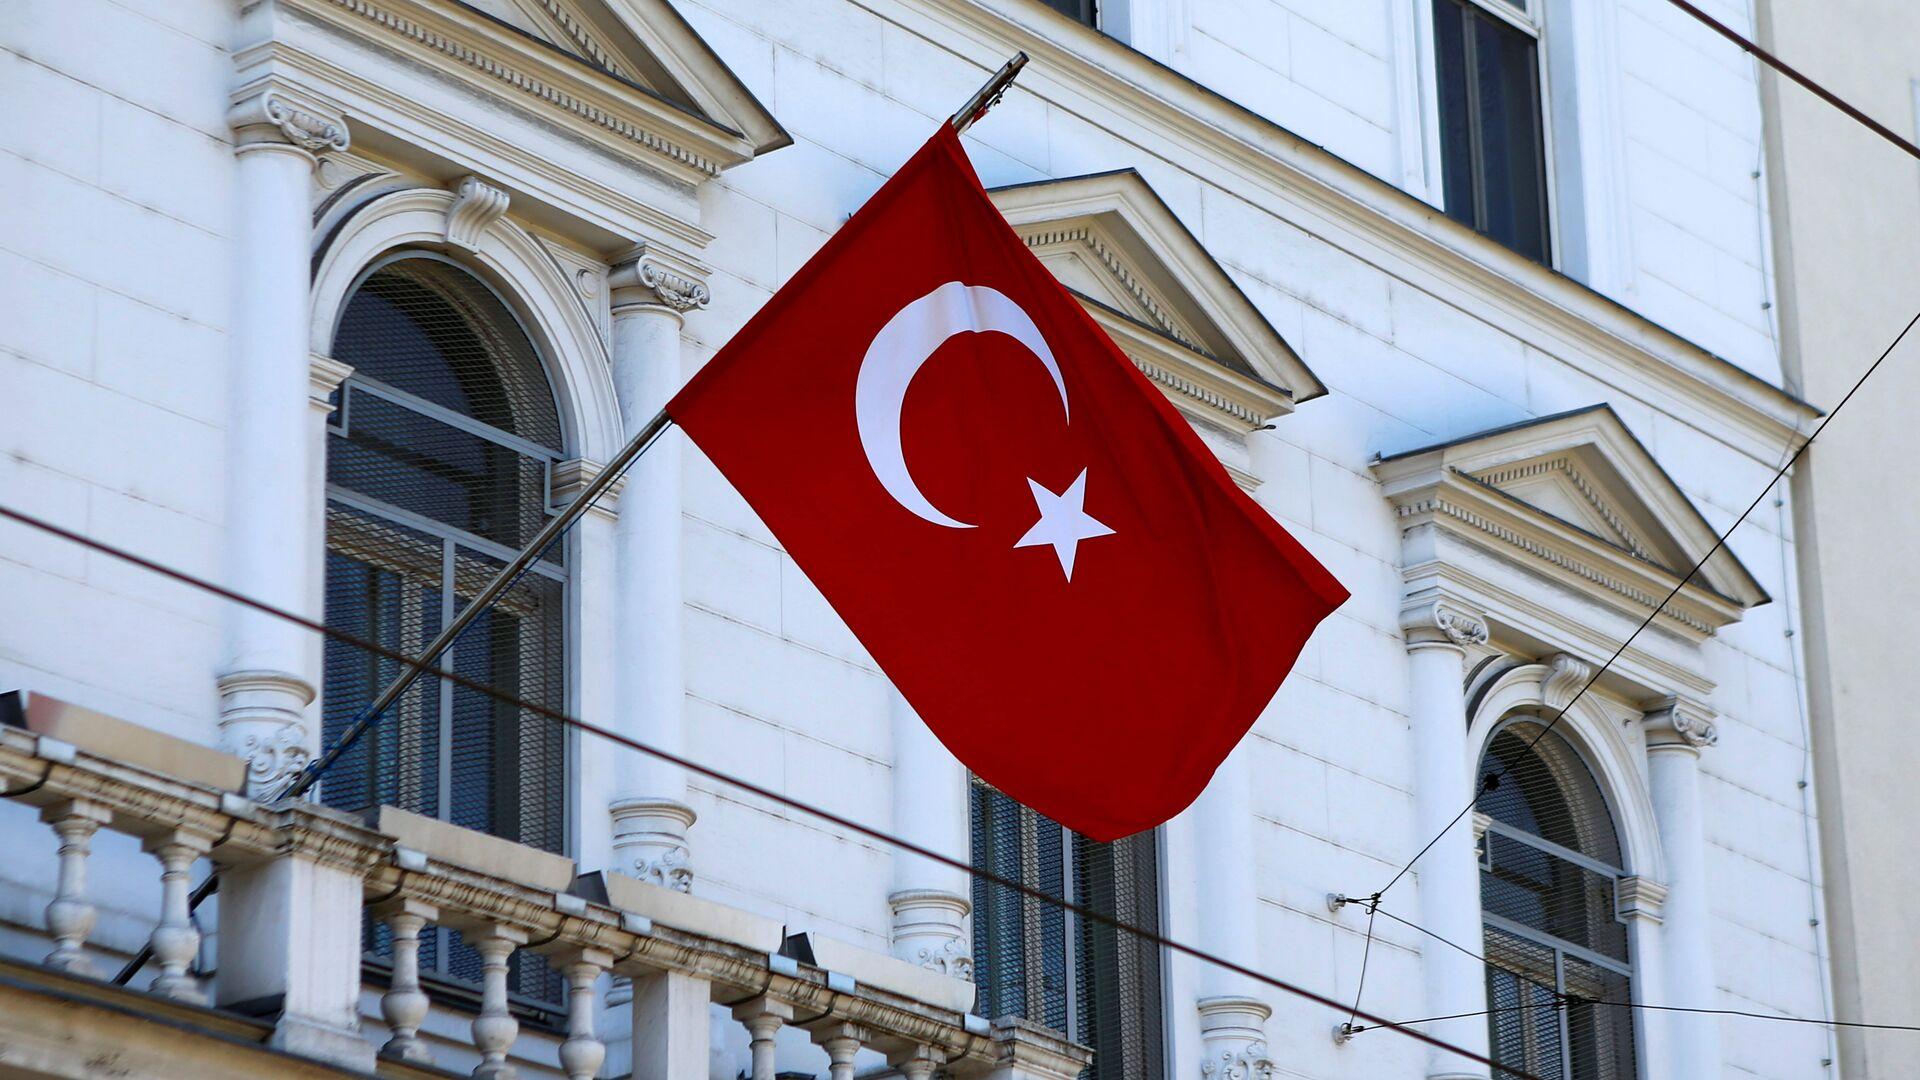 La bandera de Turquía - Sputnik Mundo, 1920, 23.06.2021